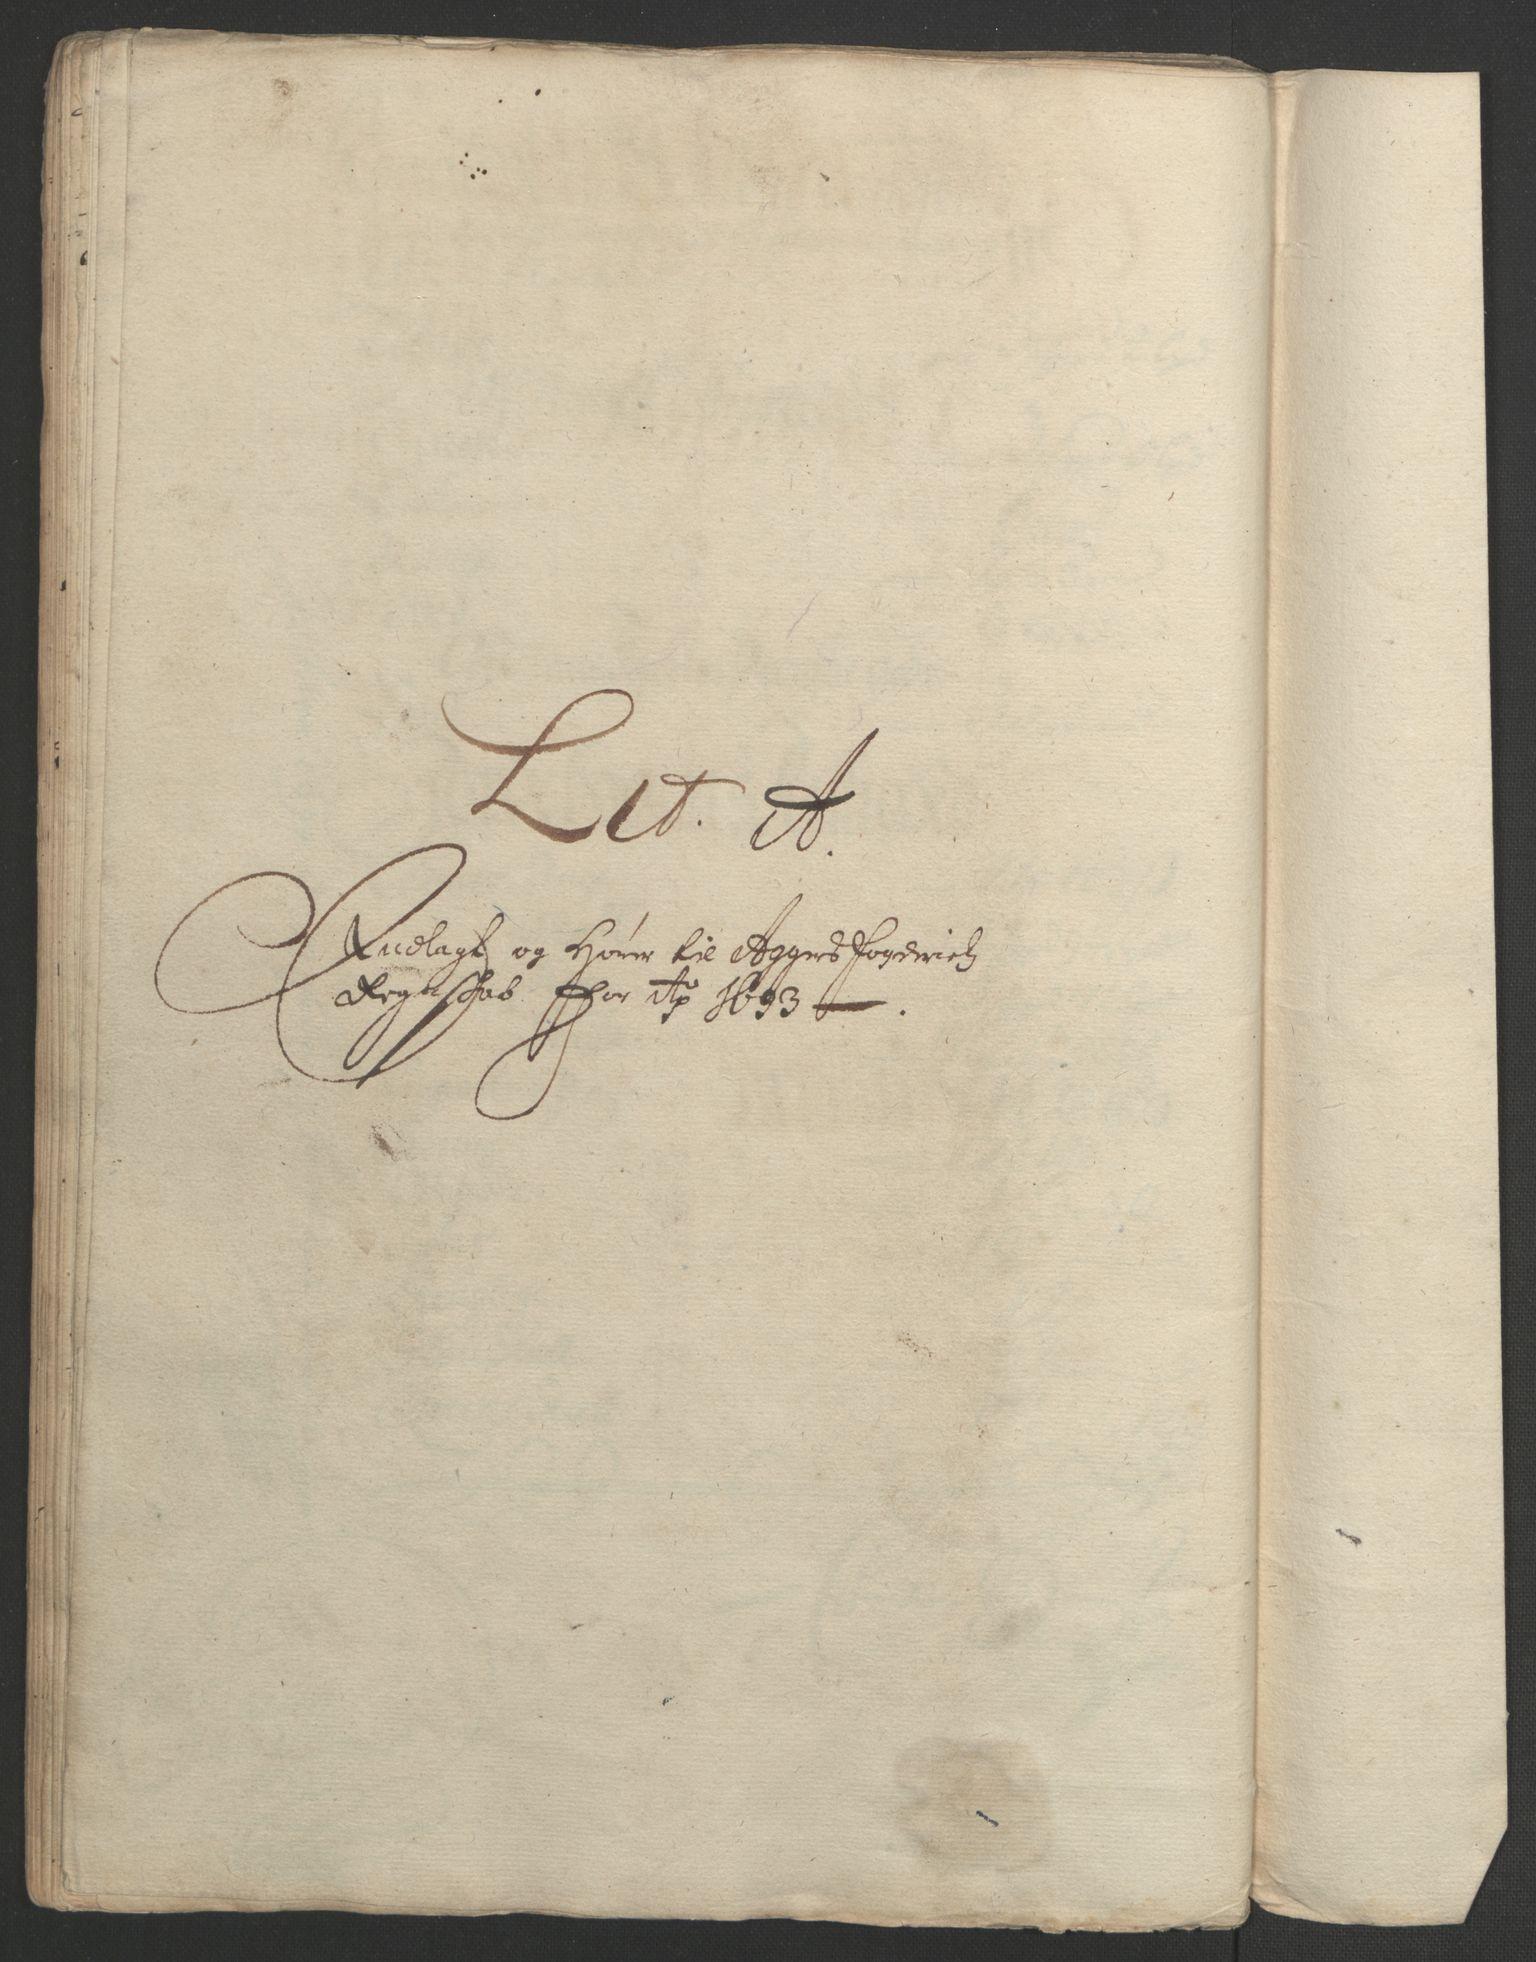 RA, Rentekammeret inntil 1814, Reviderte regnskaper, Fogderegnskap, R08/L0426: Fogderegnskap Aker, 1692-1693, s. 322